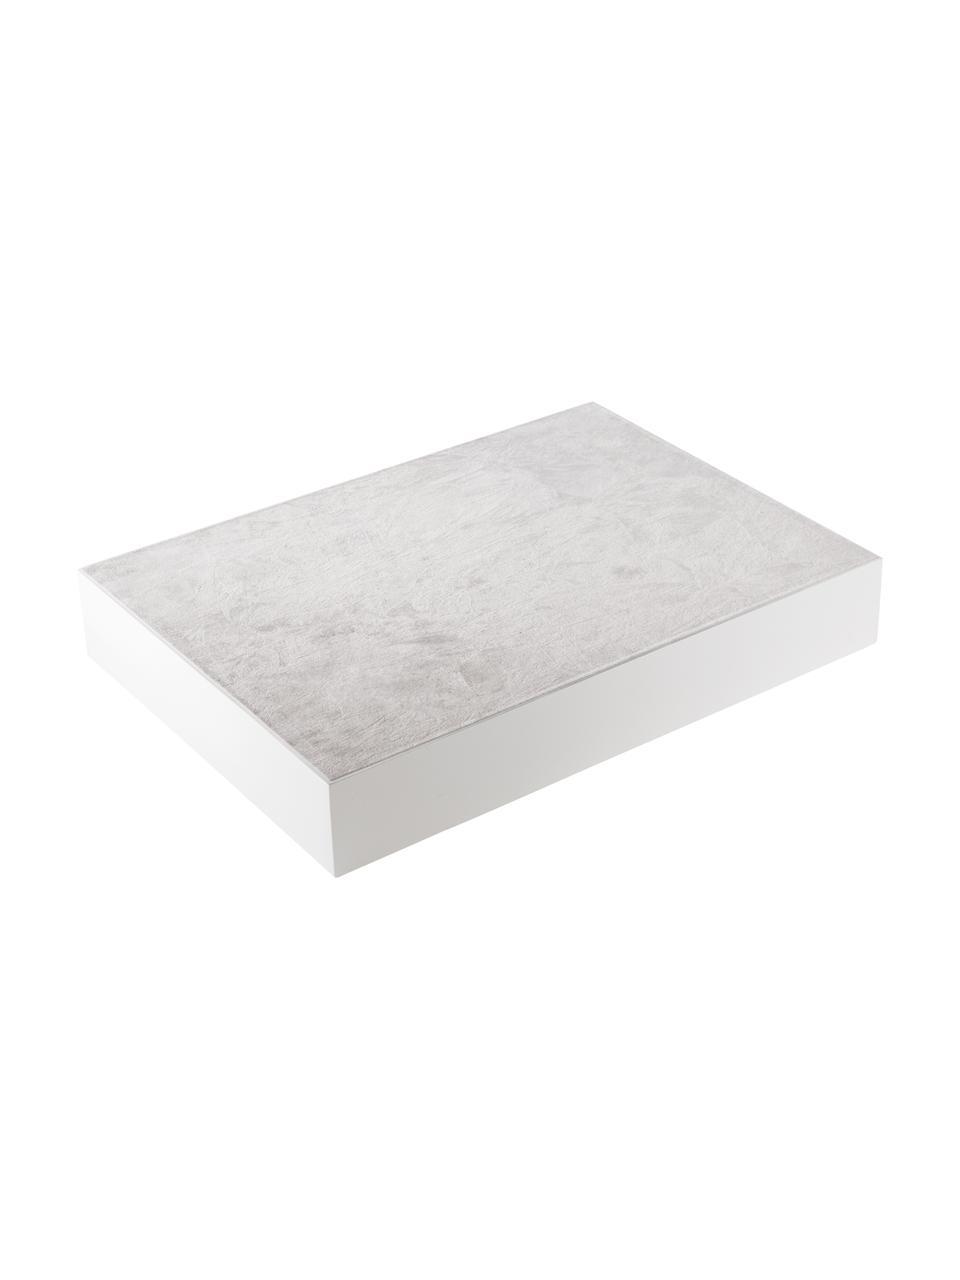 Plateau blanc brillant Hayley, Blanc